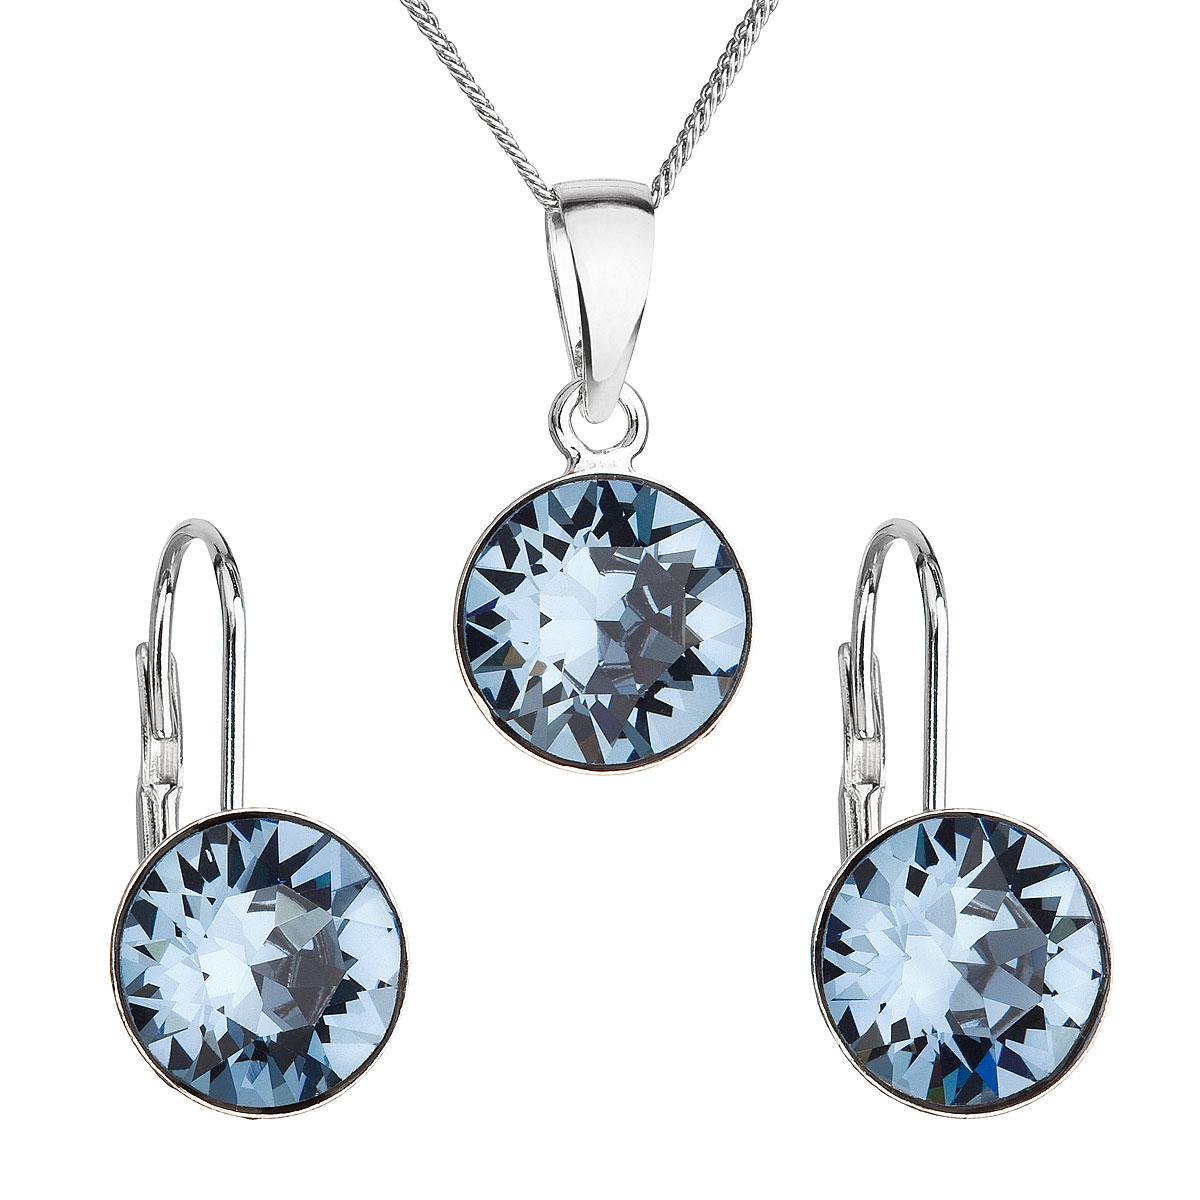 Sada šperků s krystaly Swarovski náušnice, řetízek a přívěsek modré kulaté 39140.3 denim blue